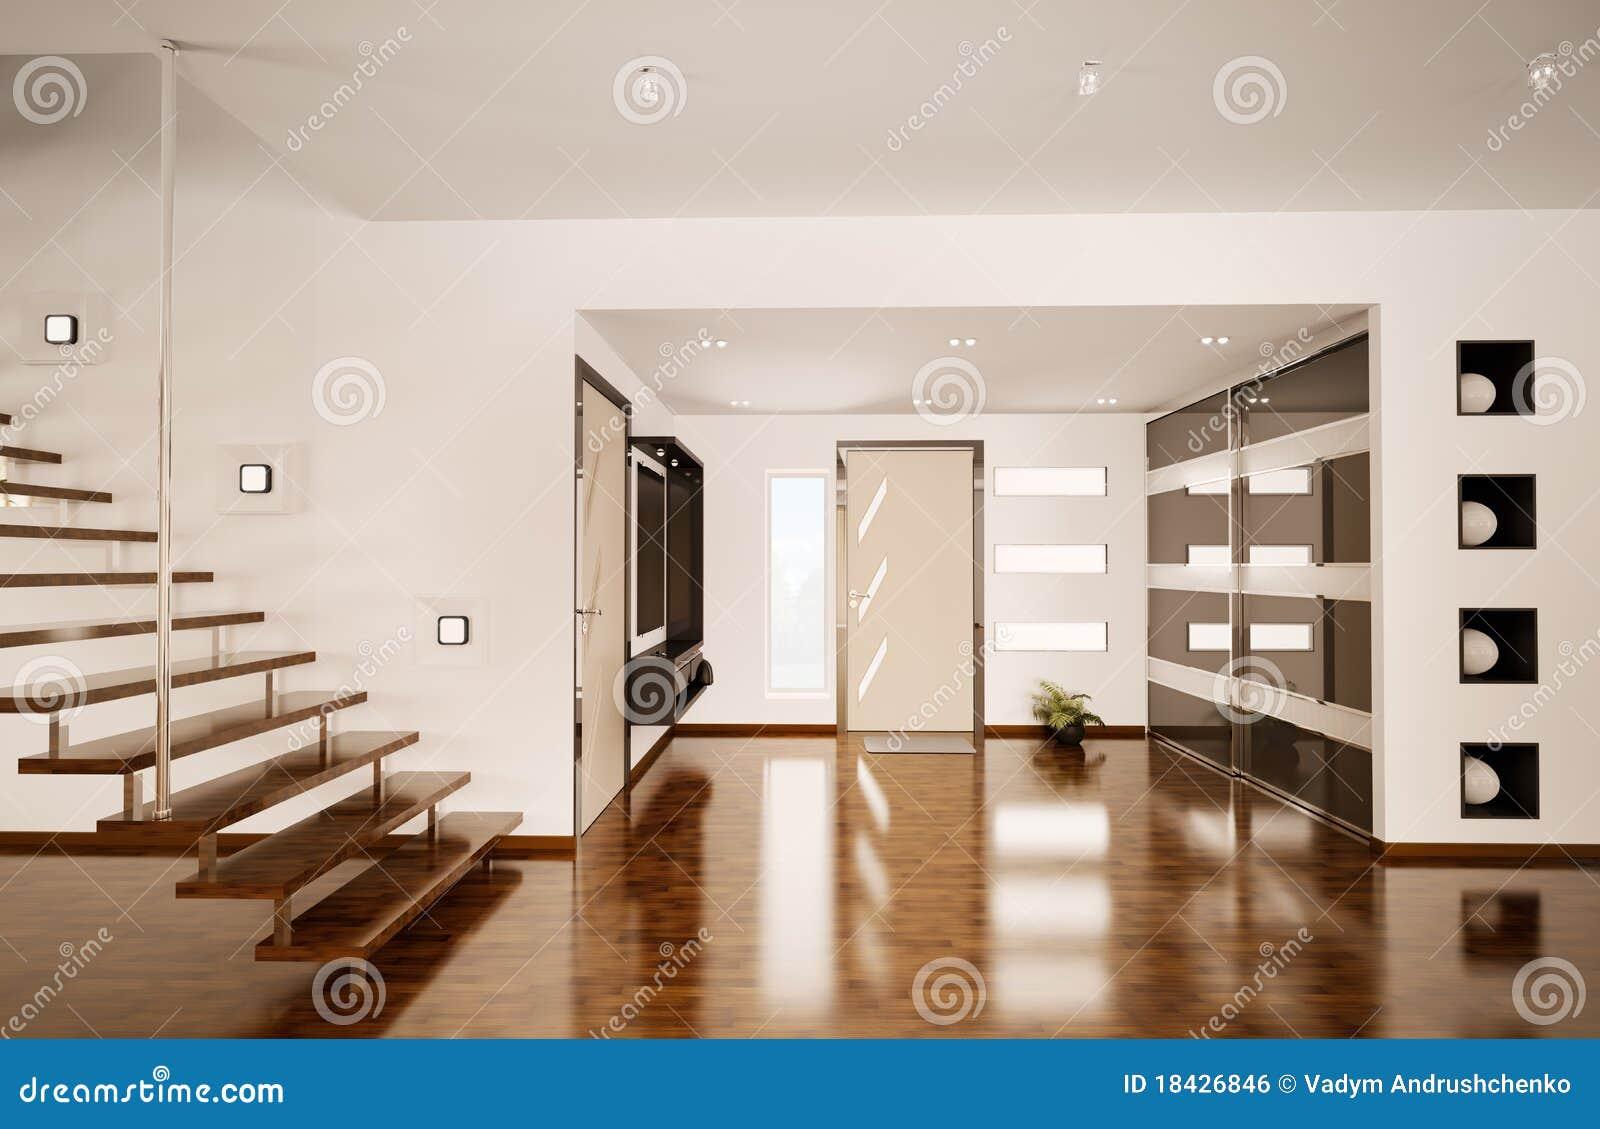 Modern interior of hall d render stock illustration